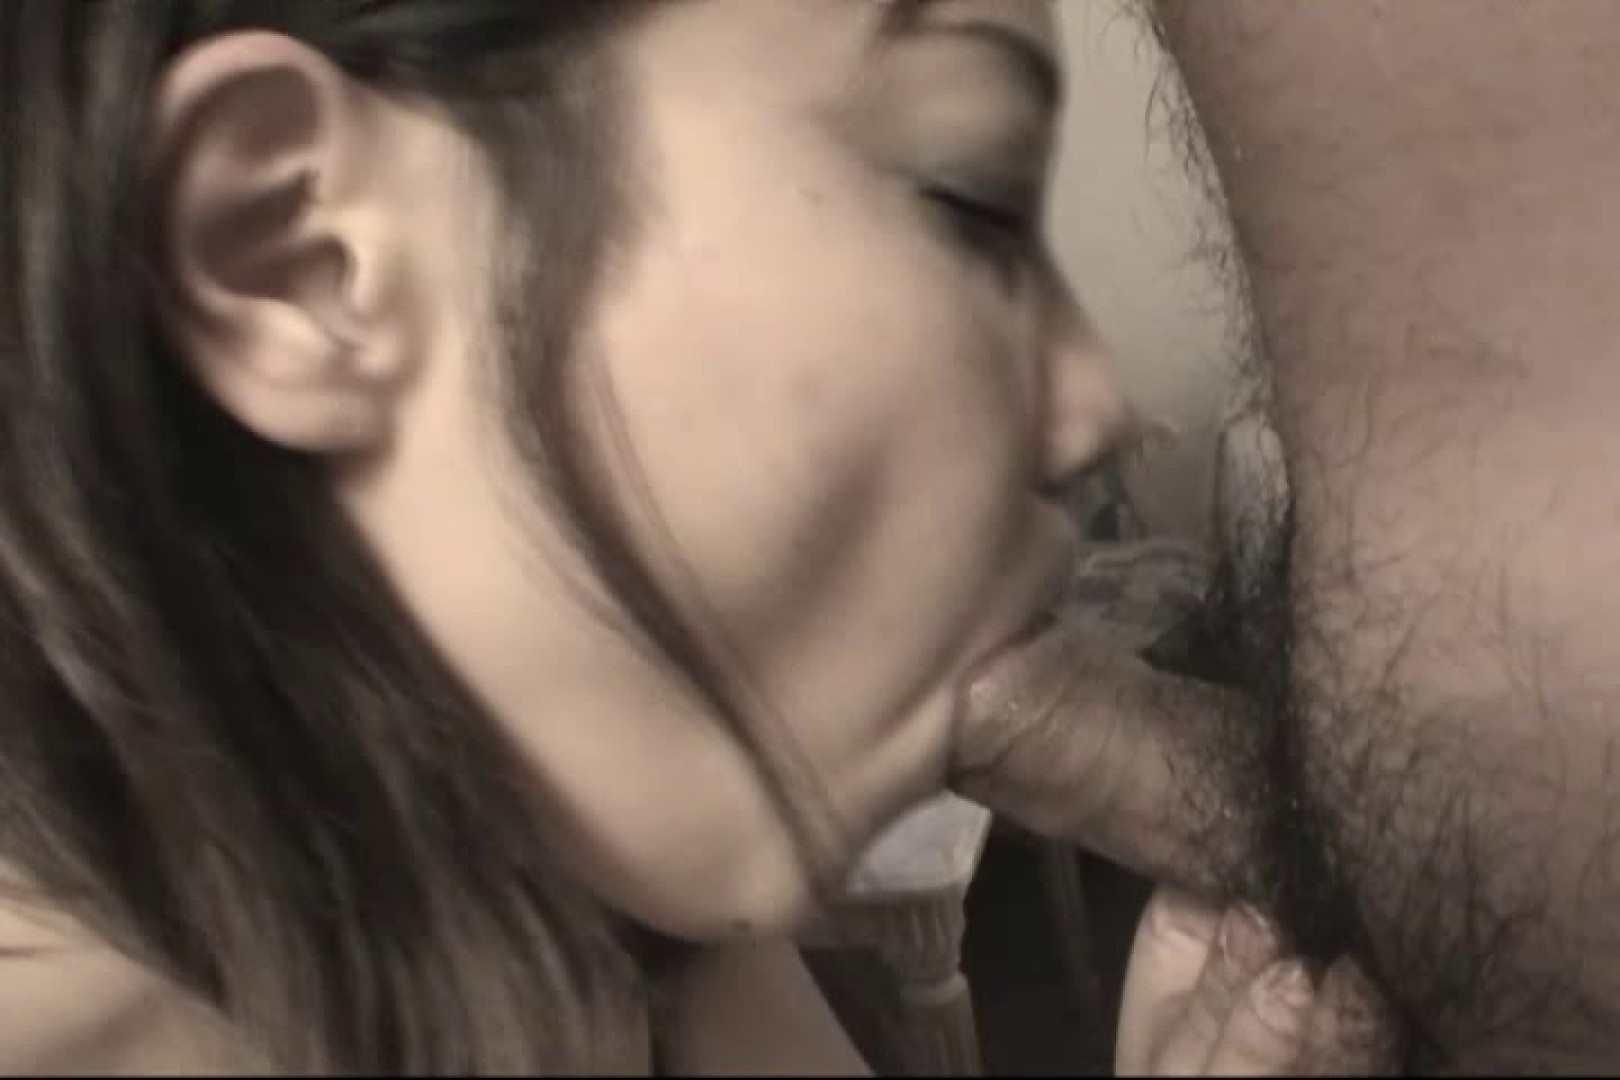 エロフェロモン全開の彼女に中出しSEX~青山ちか~ 乳首 | エッチな熟女  48pic 31